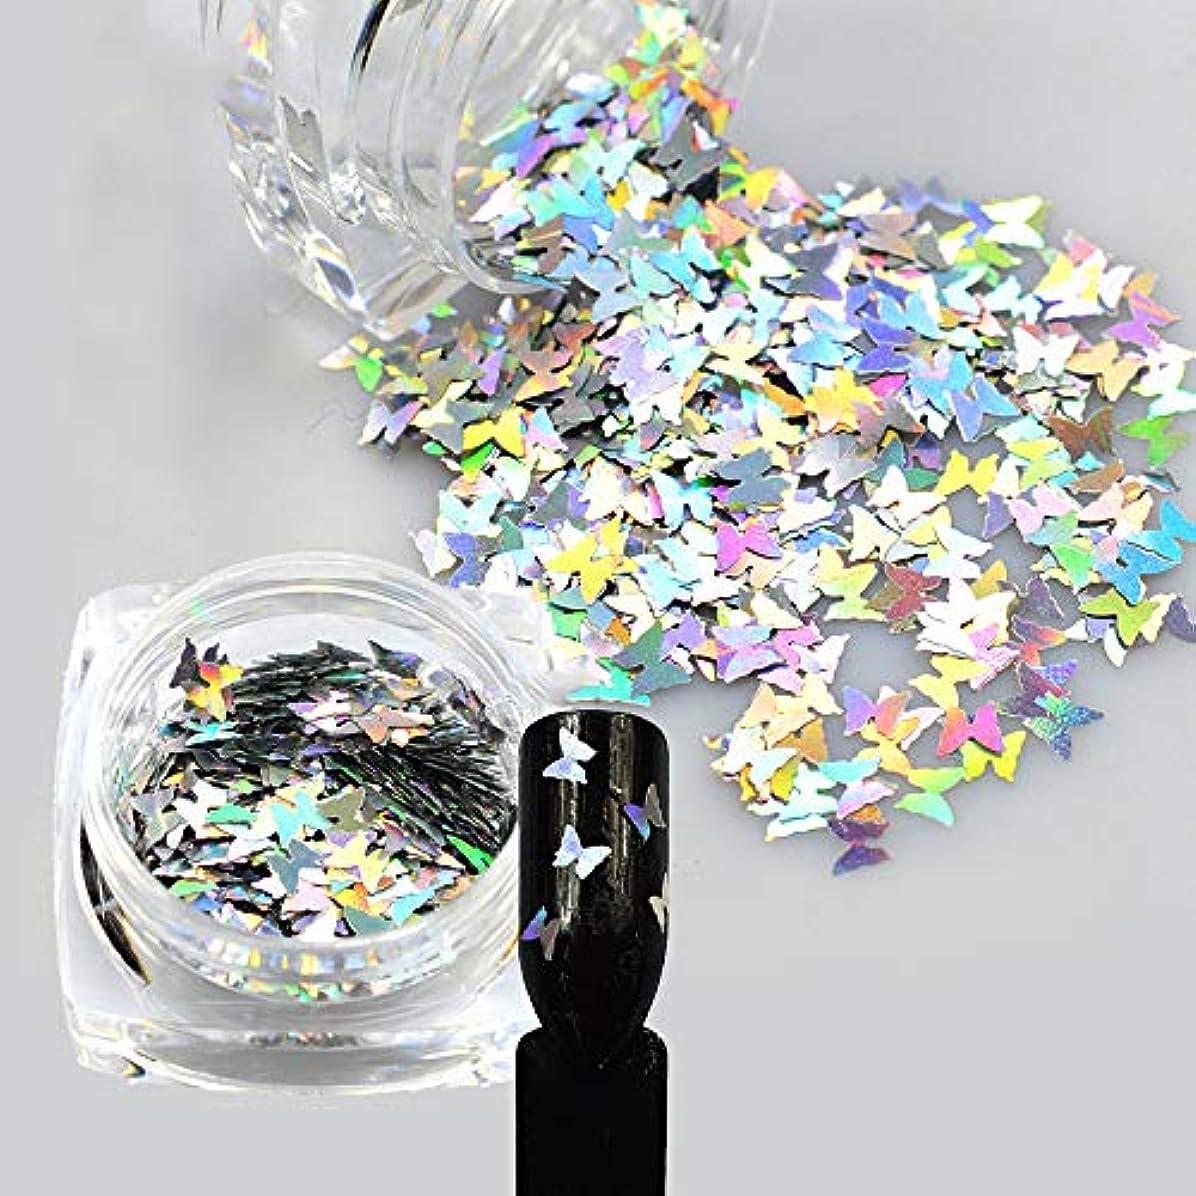 安息四半期革命1ピースレーザー光沢のあるダイヤモンドラウンド超薄型スパンコールネイルアートキラキラのヒントUVジェル3DバタフライスパンコールレーザーマジックシルバーバタフライスパンコールネイルデコレーションマニキュアDIYアクセサリー